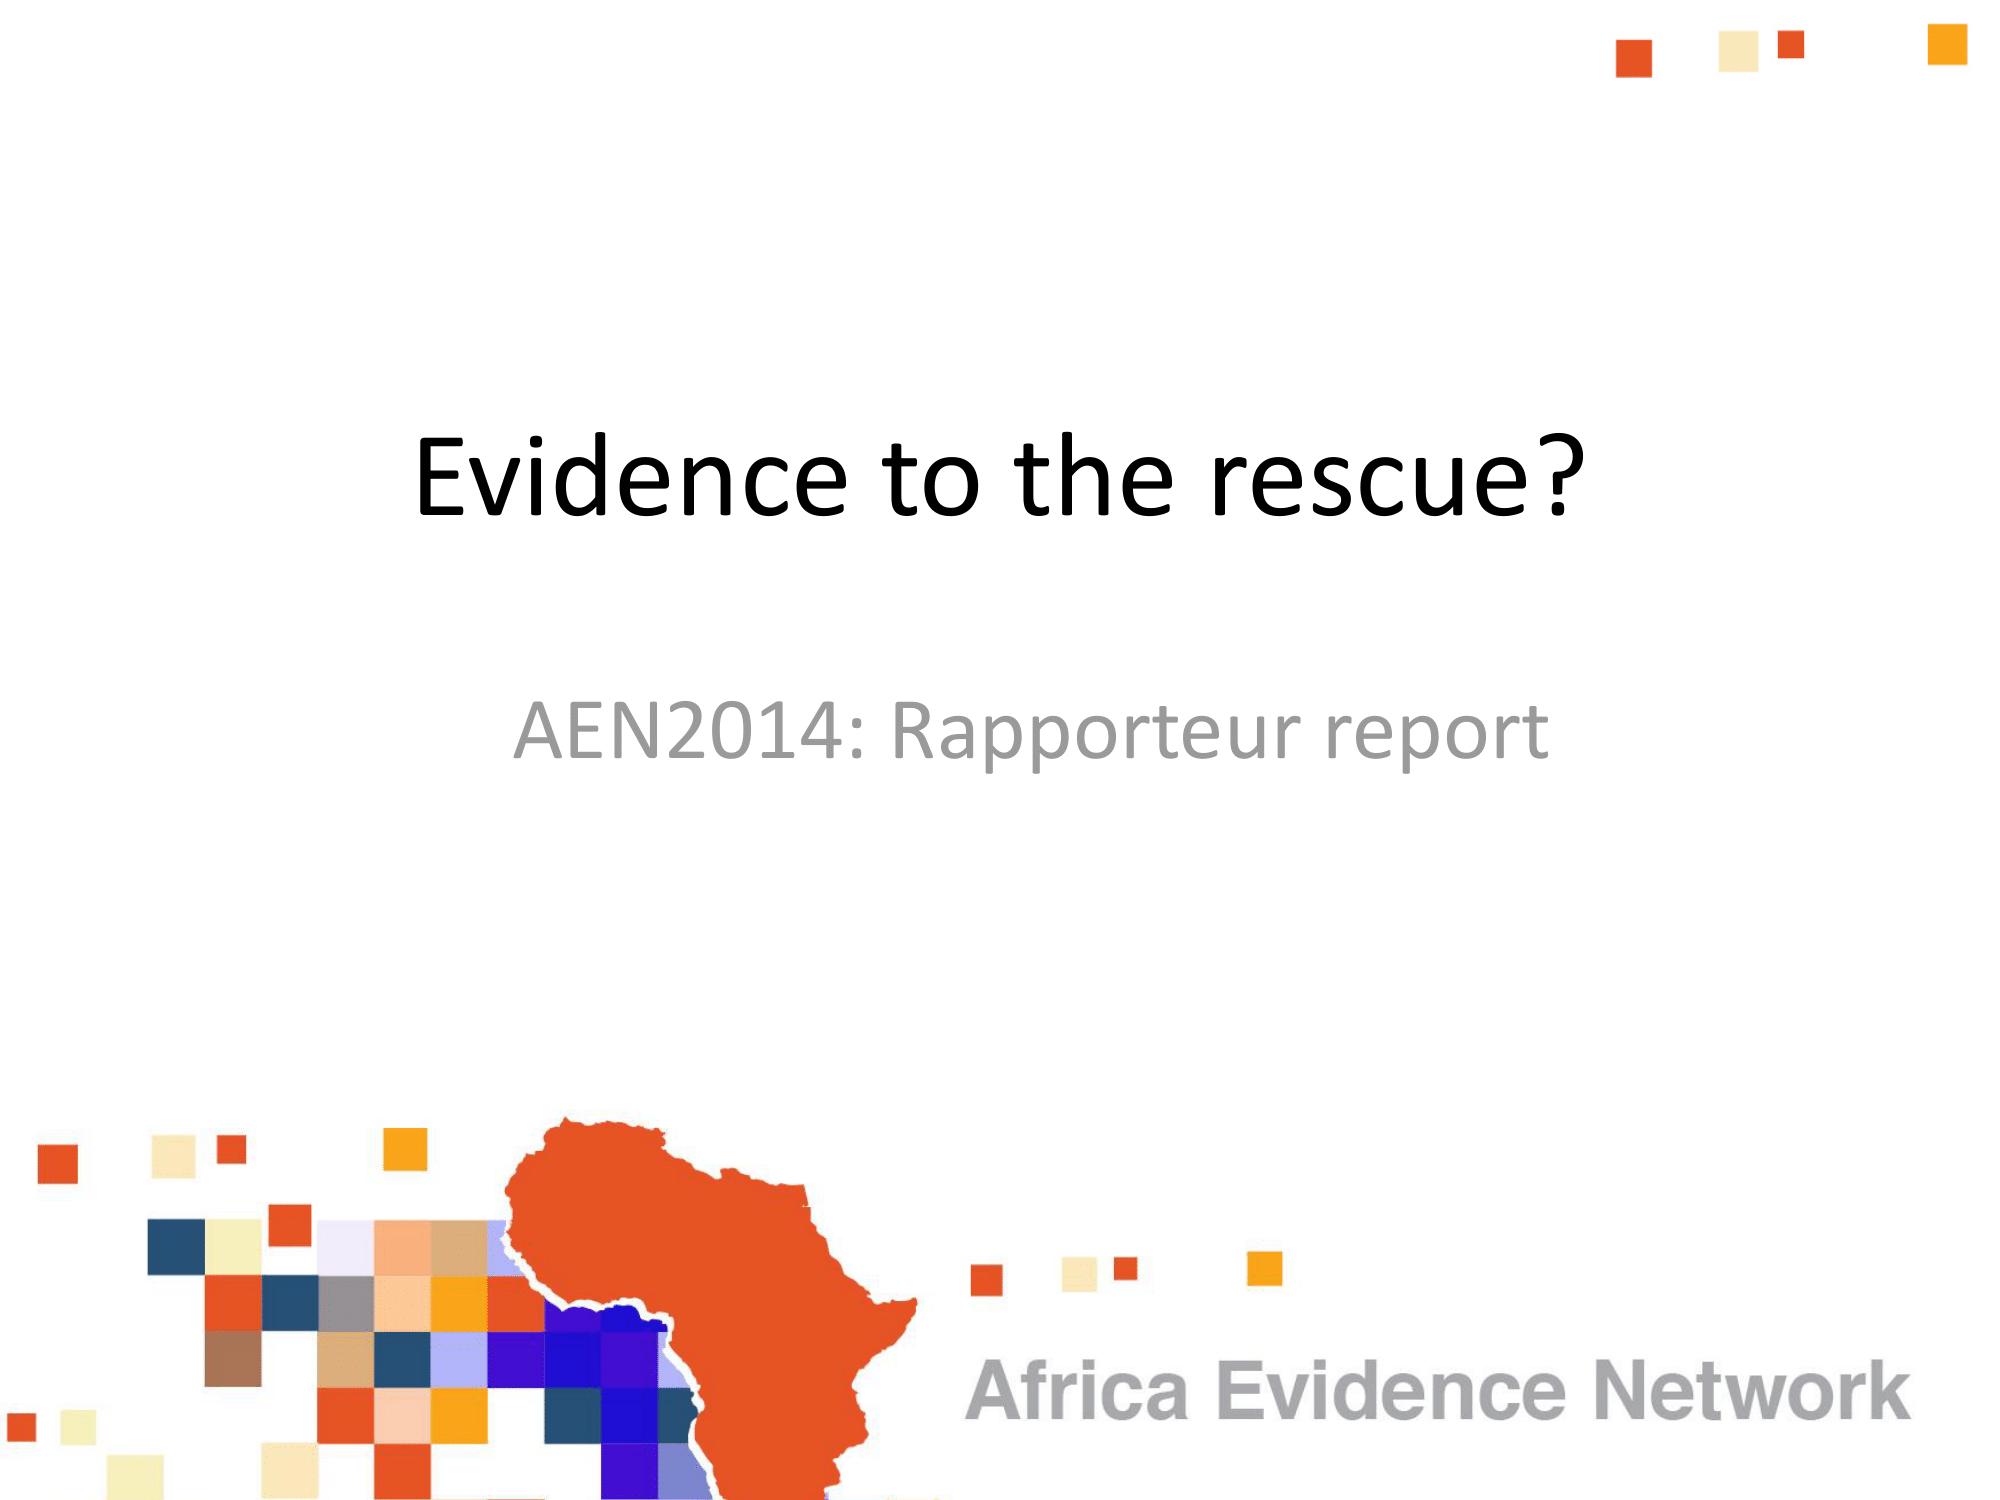 Africa Evidence Network (AEN) 2014 colloquium report